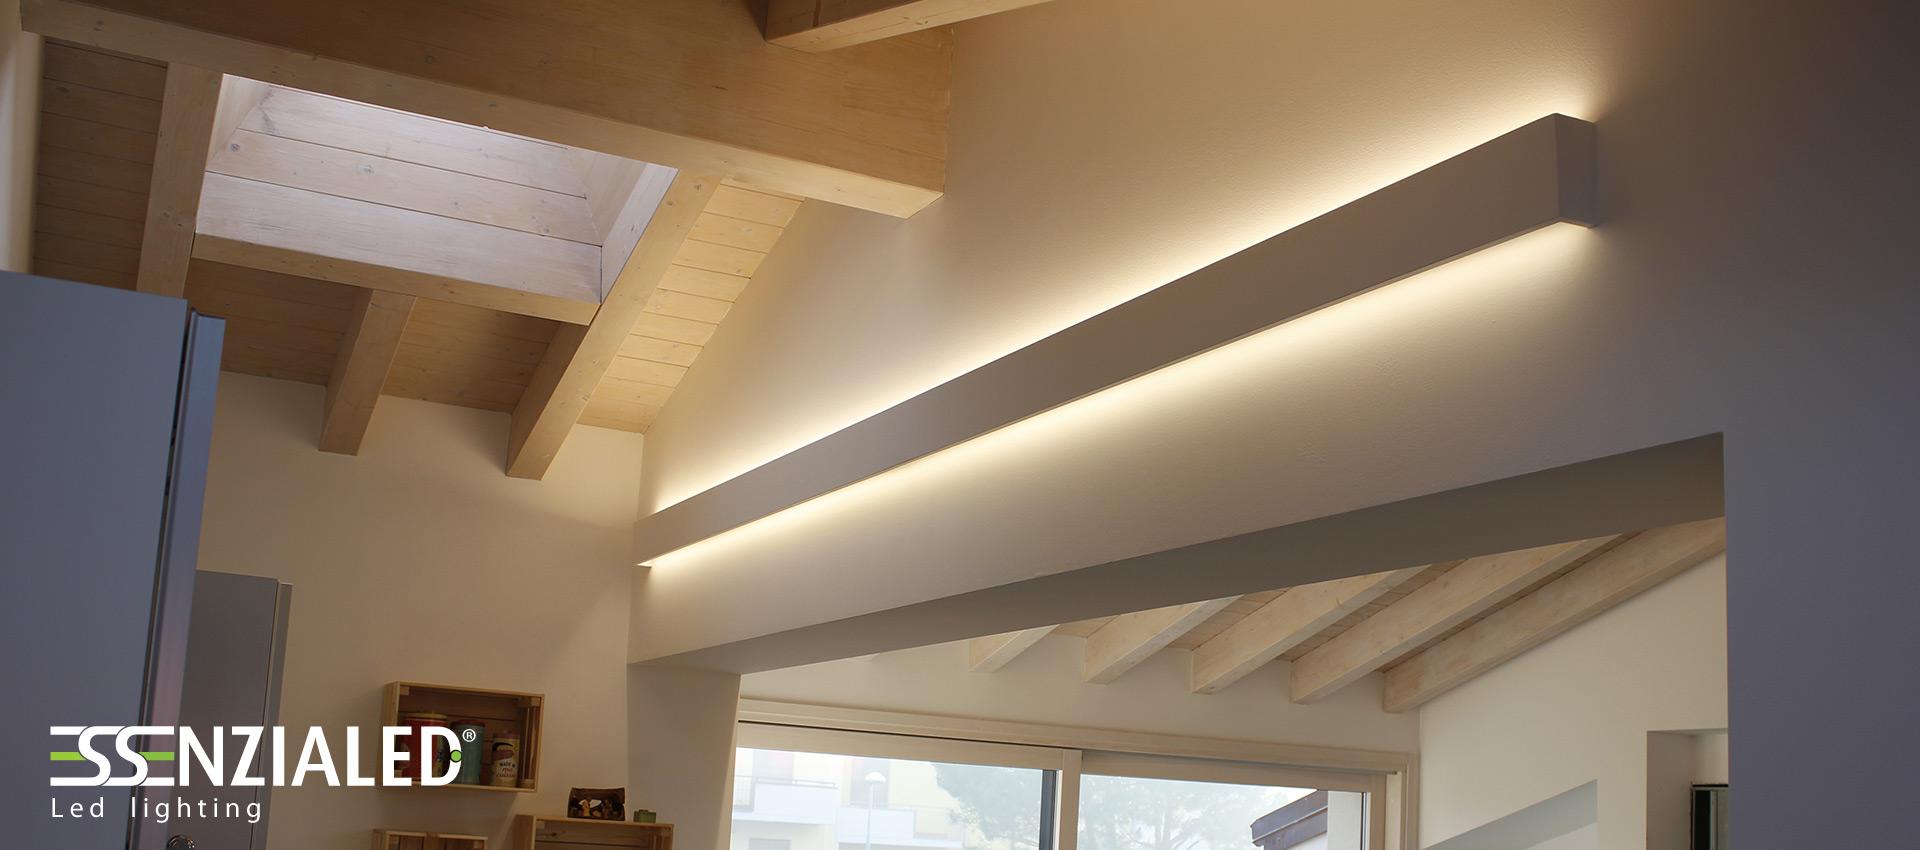 Righello Lampada parete in gesso a led prodotta MadeinItalyEssenzialed – Illuminazione a led